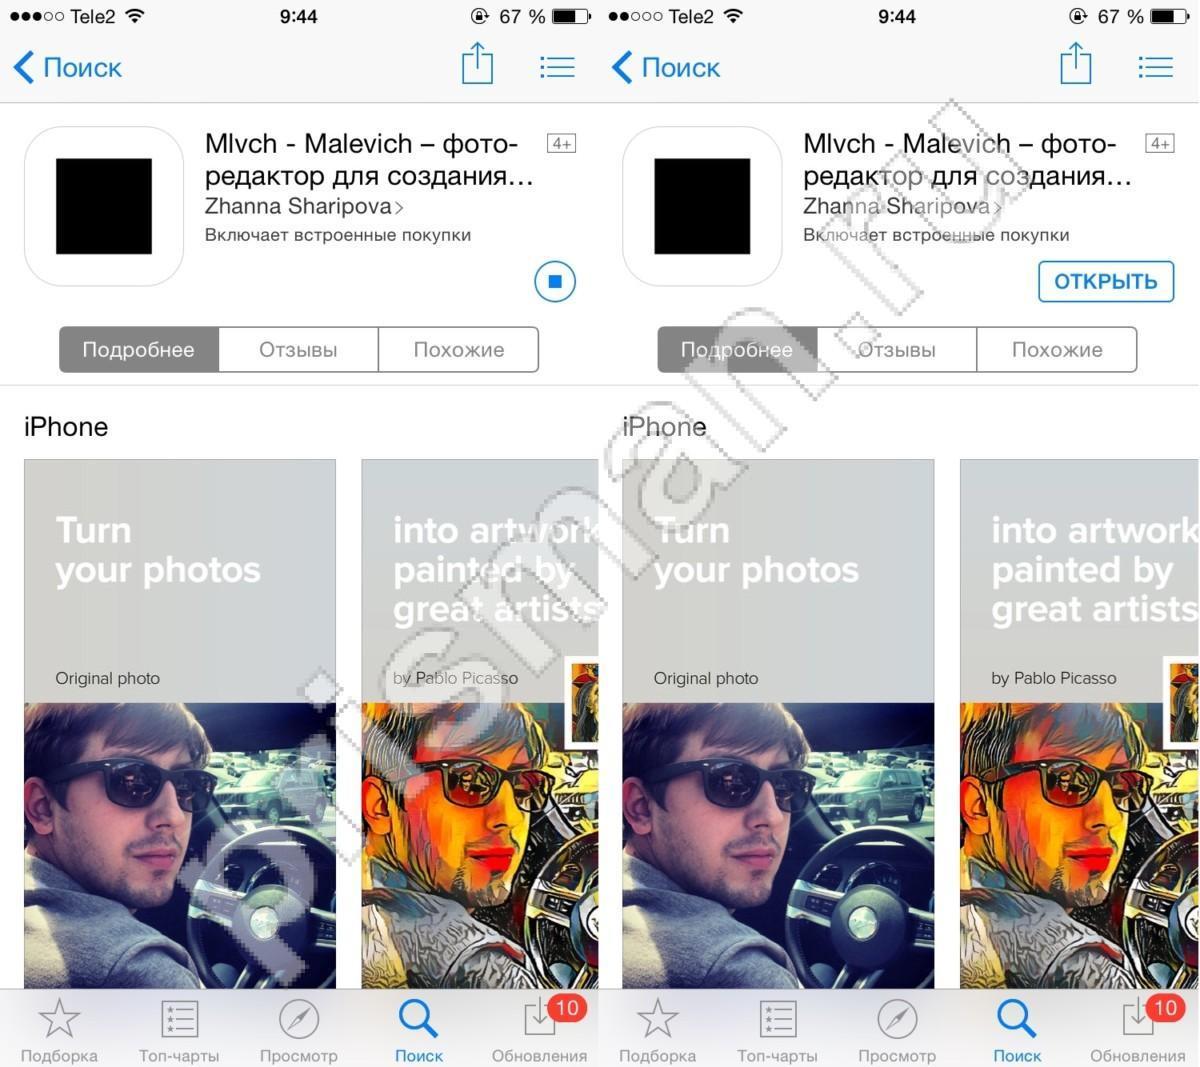 программы для фото на айфон инстаграм